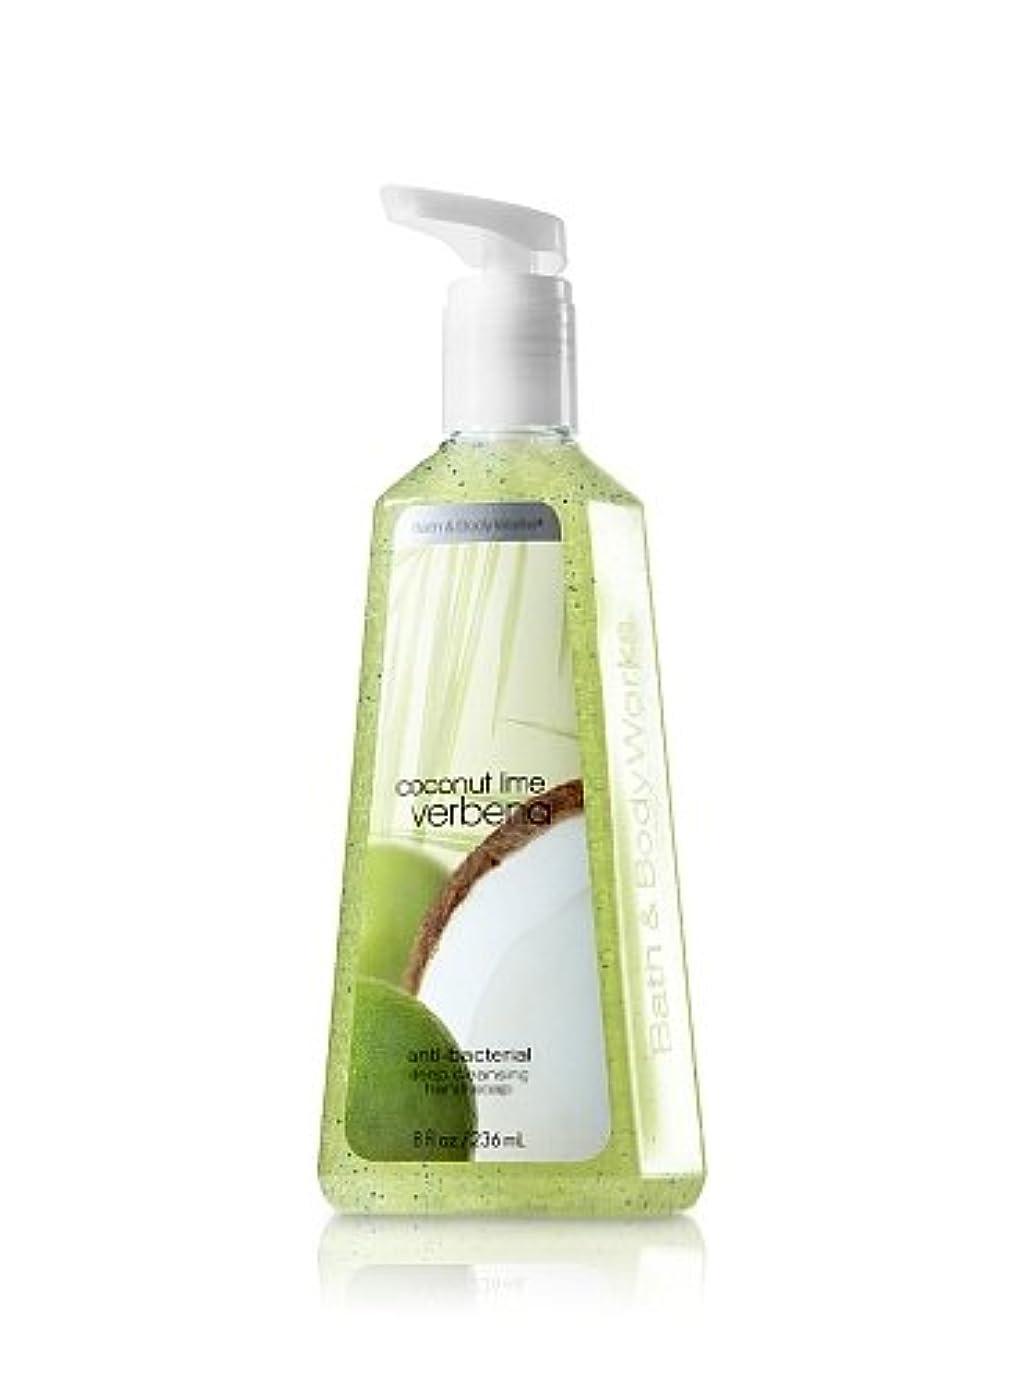 分析暴行方法論バス&ボディワークス ココナッツライムバーベナ ディープクレンジングハンドソープ Coconut Lime Verbena Deep Cleansing Hand Soap [海外直送品]